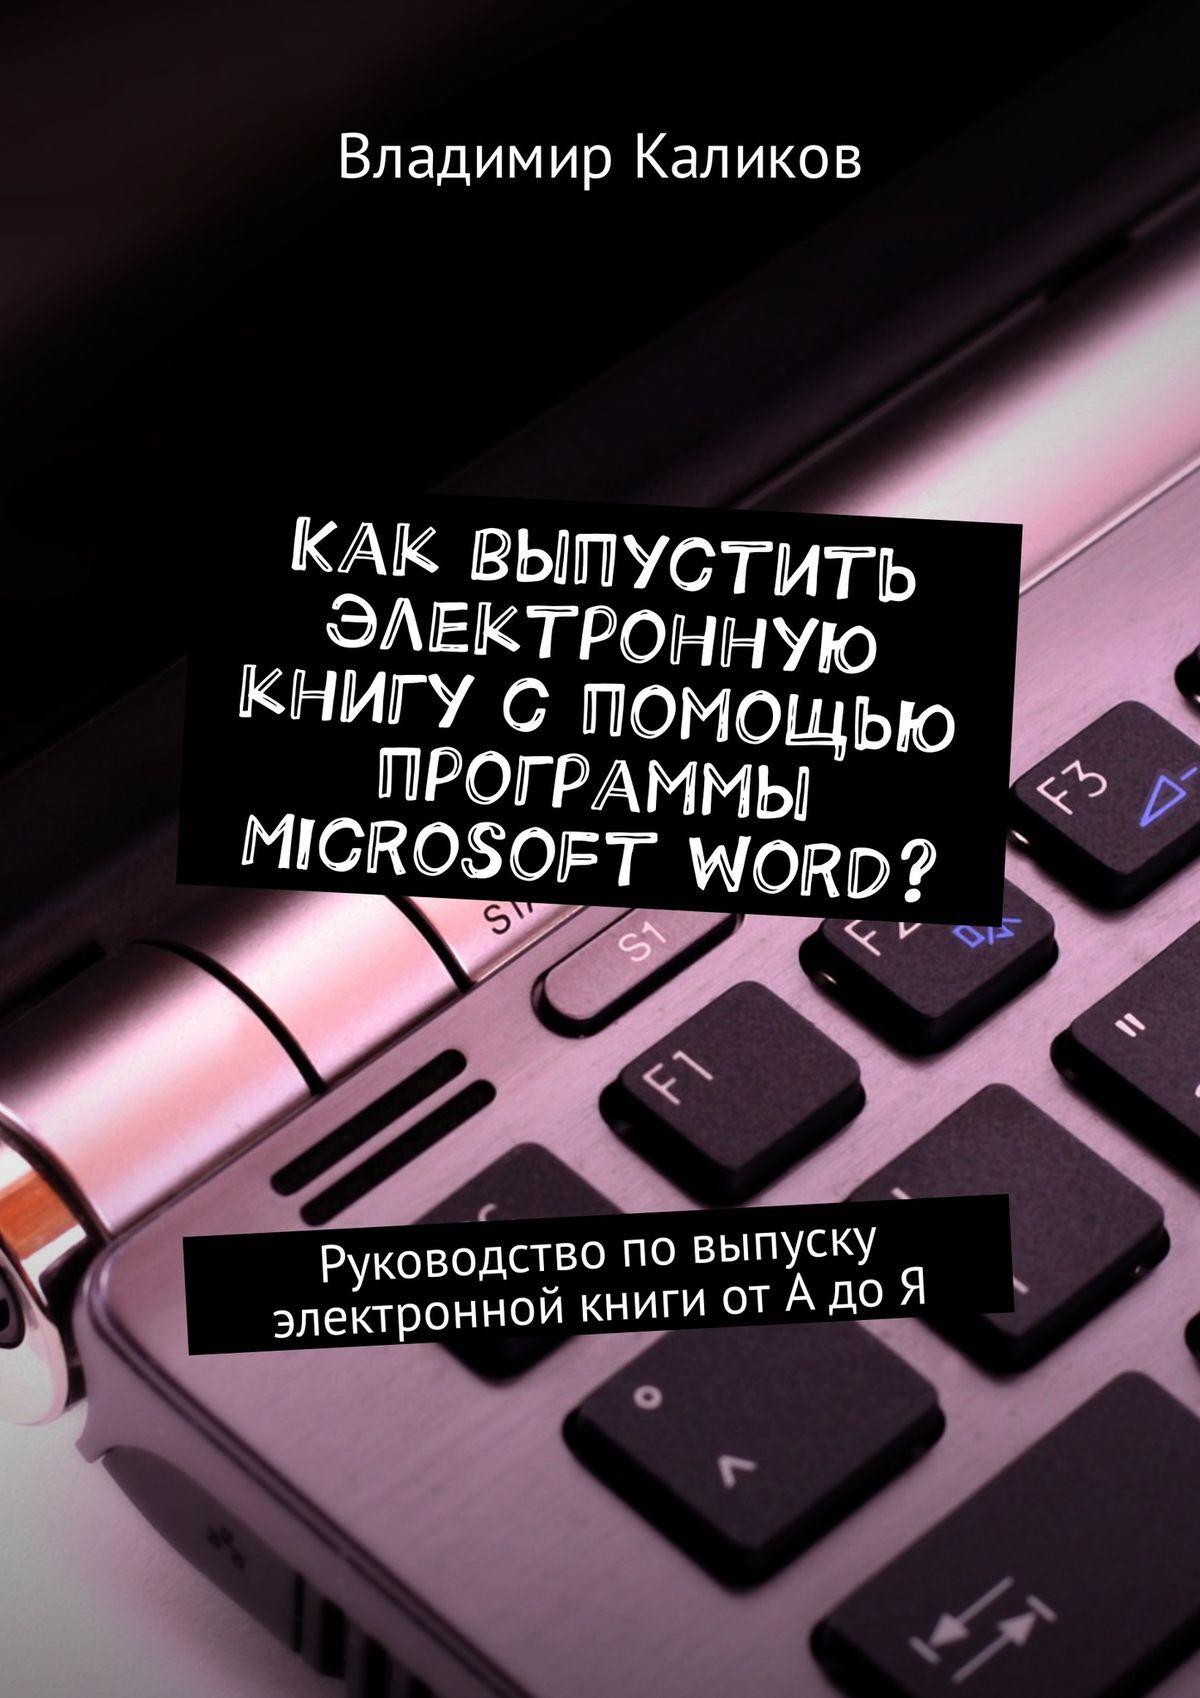 Владимир Каликов Как выпустить электронную книгу с помощью программы Microsoft Word? Руководство повыпуску электронной книги отАдоЯ